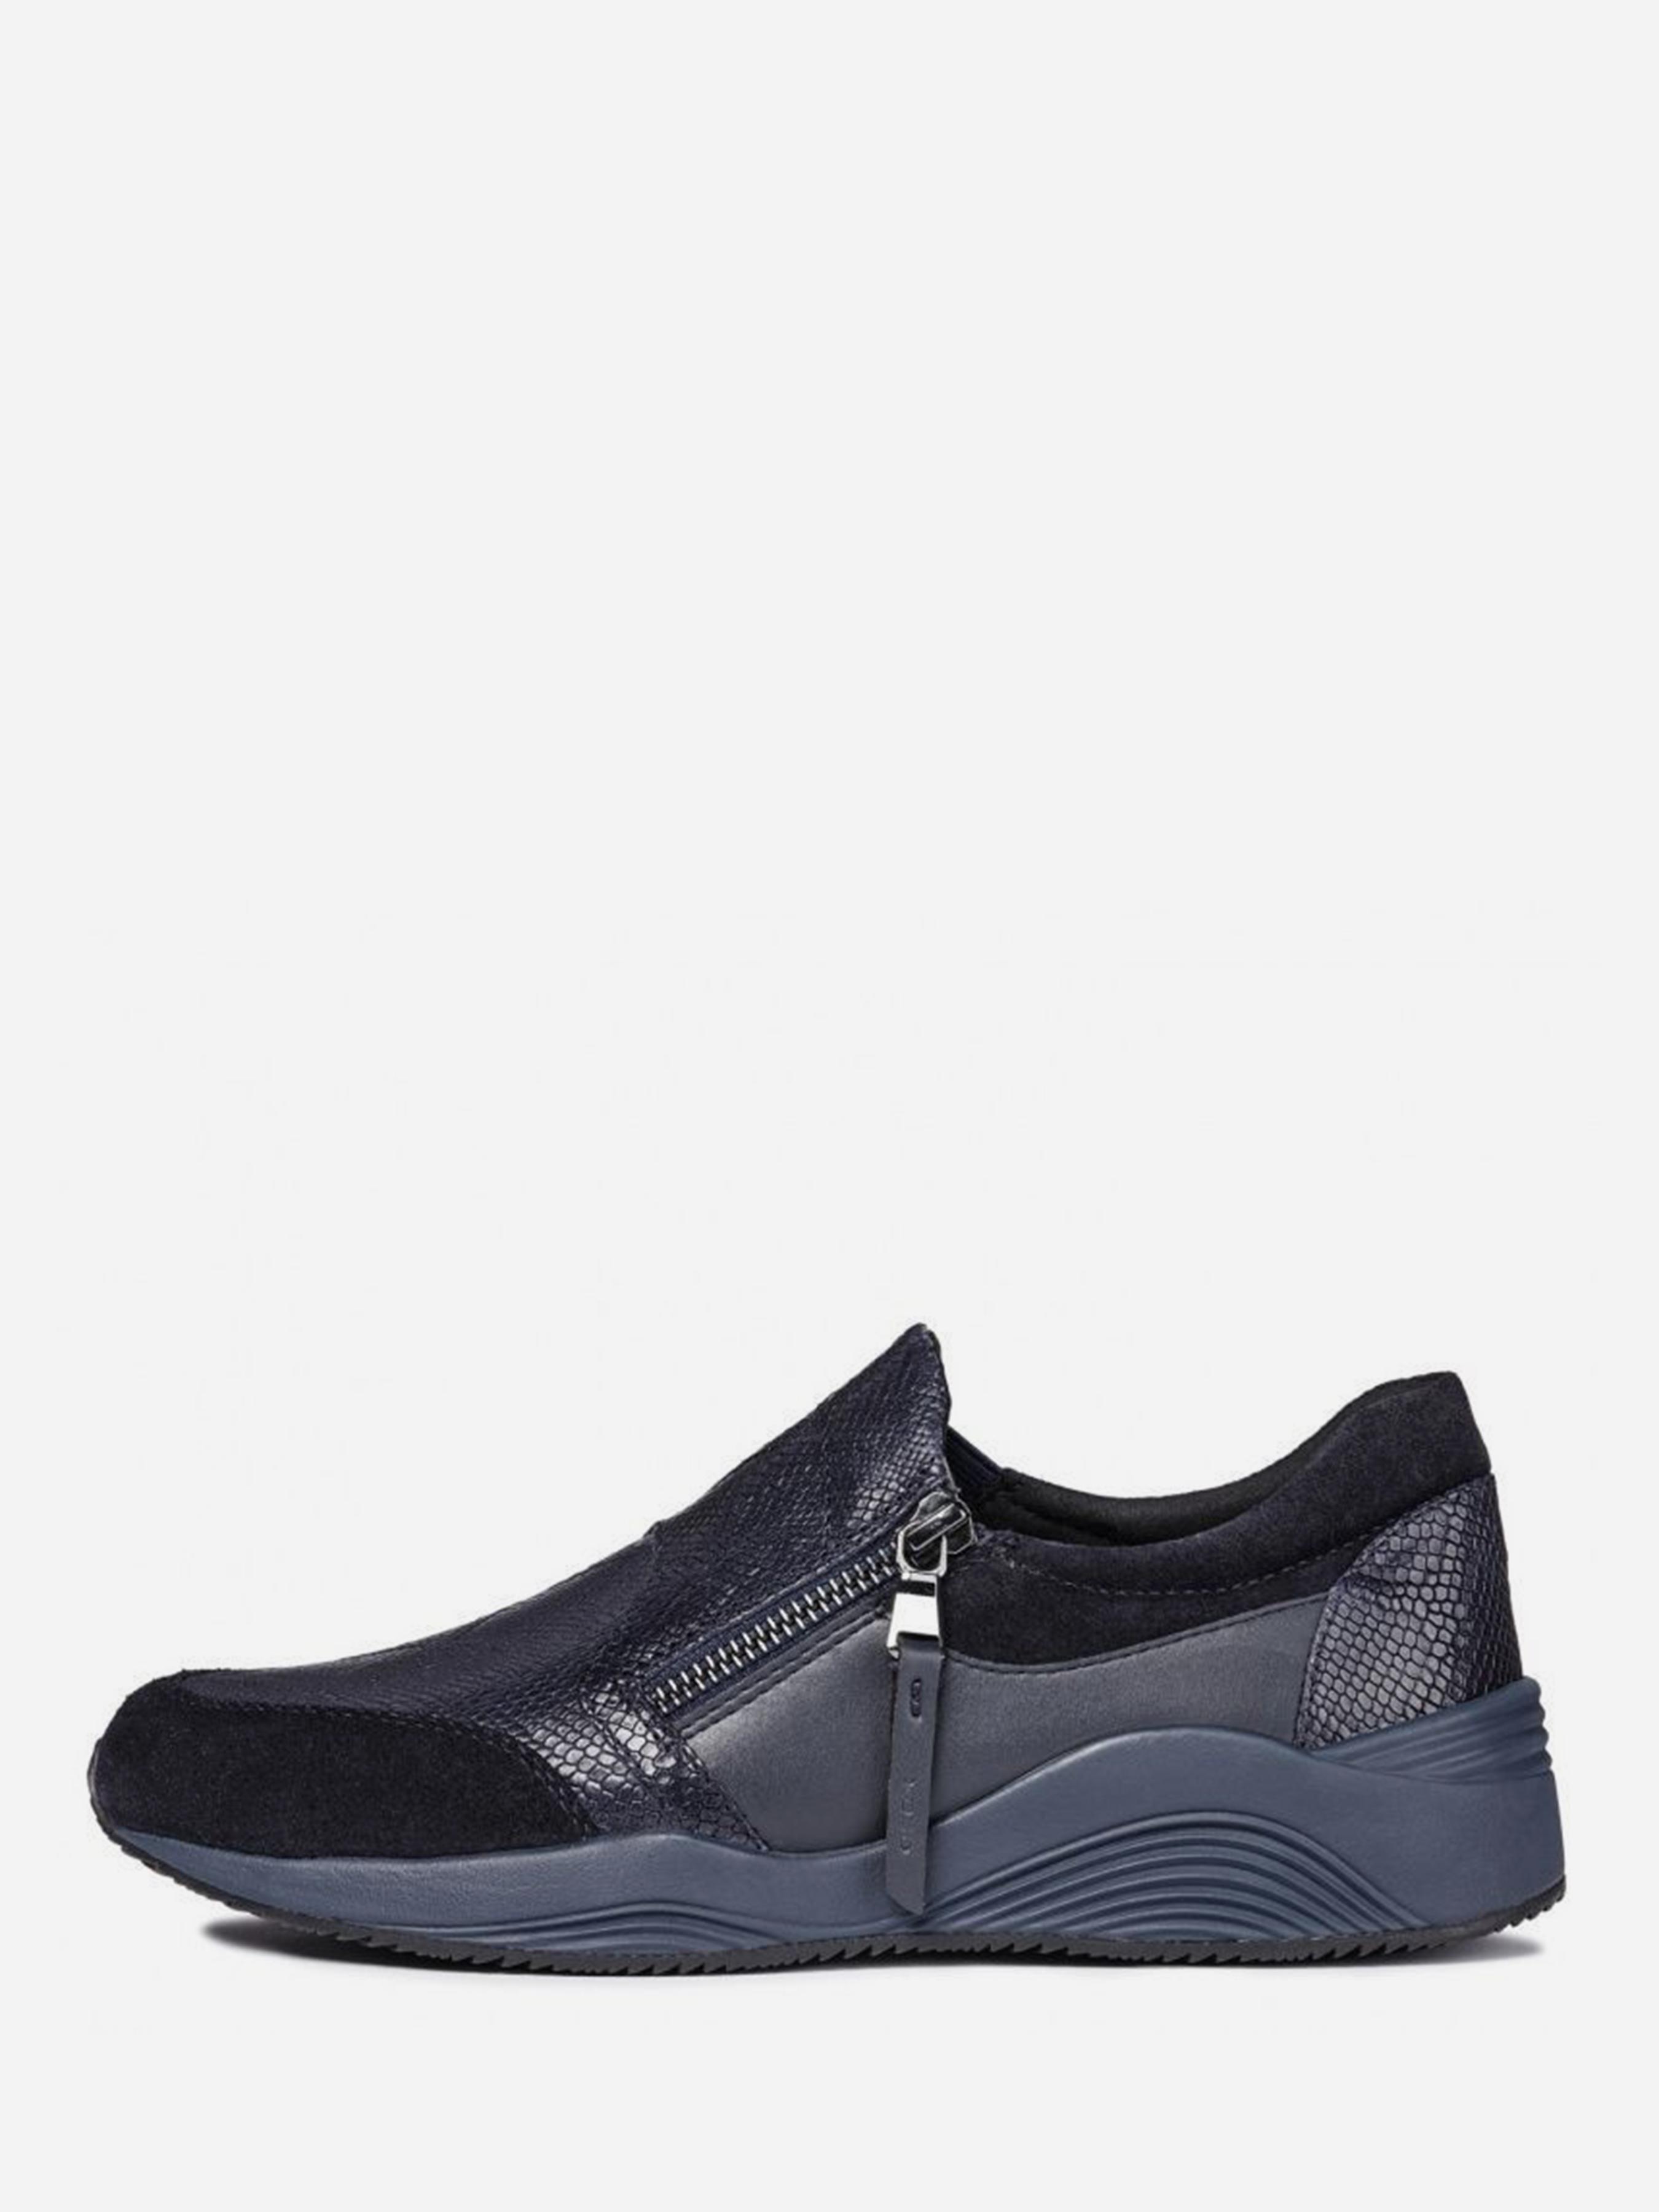 Кроссовки для женщин Geox OMAYA XW3316 , 2017